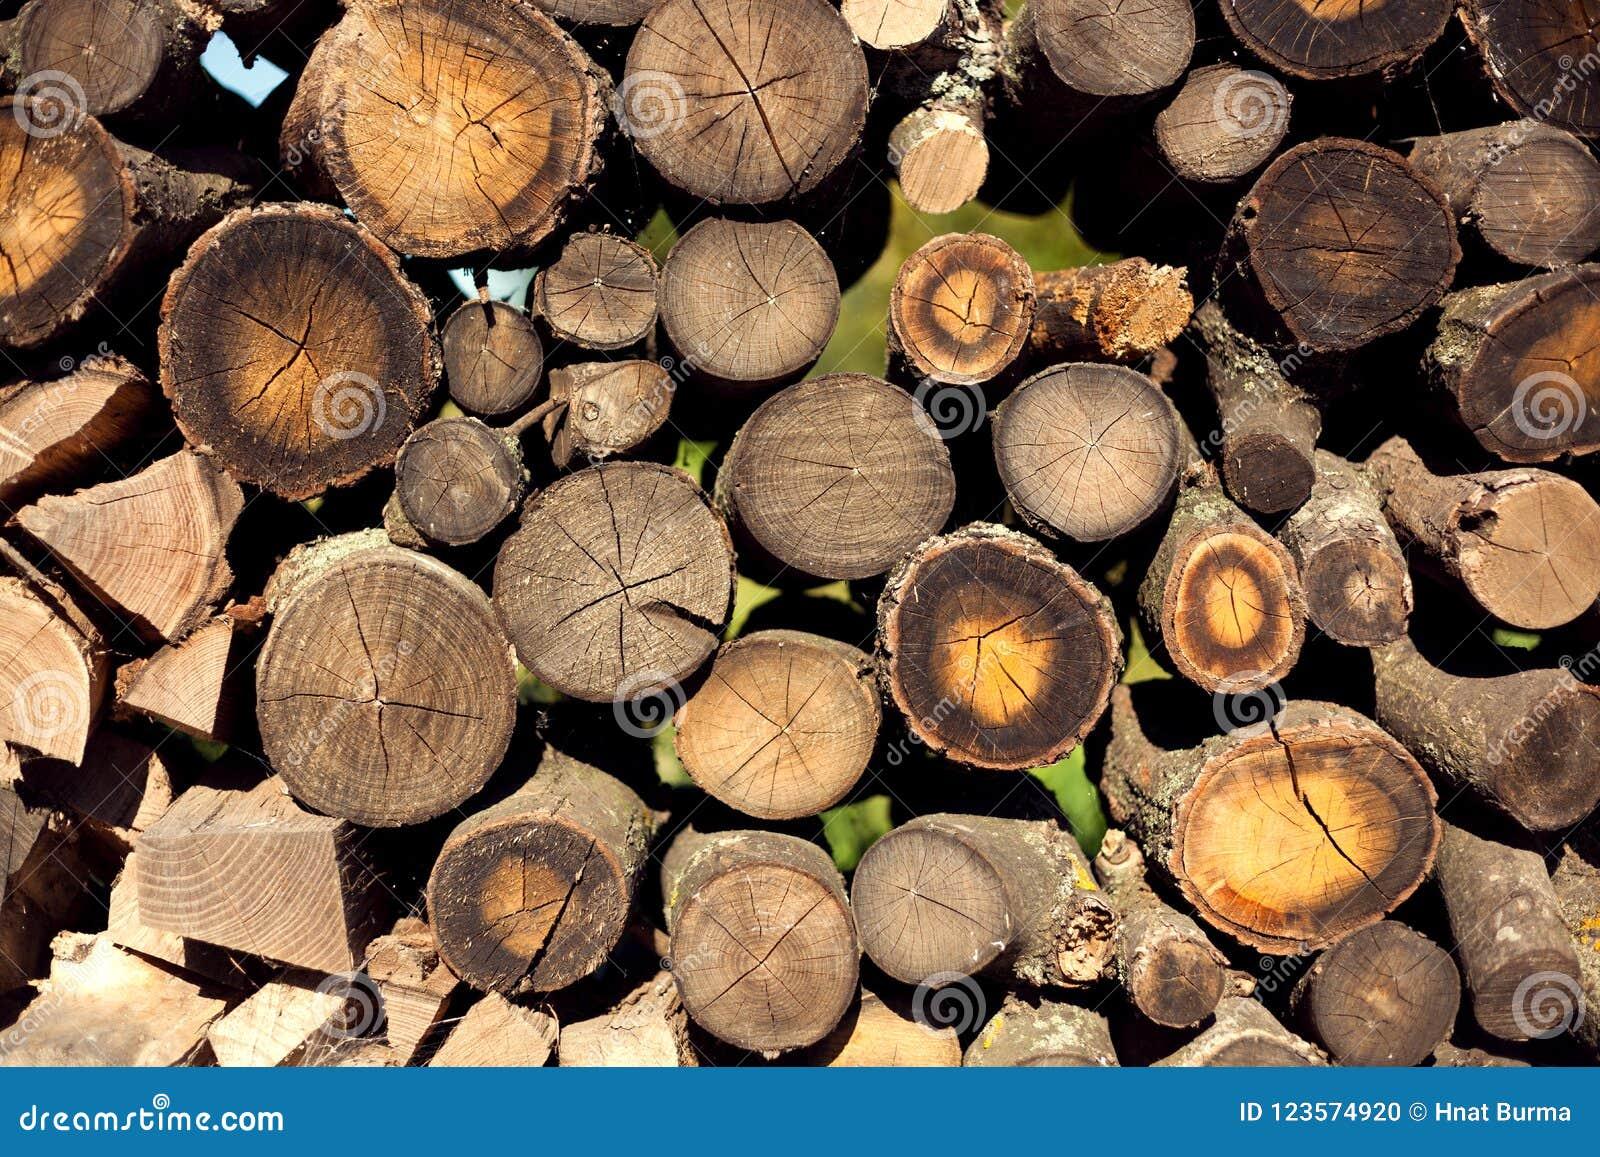 林业,堆木头,柴堆,堆,日志堆,木浆